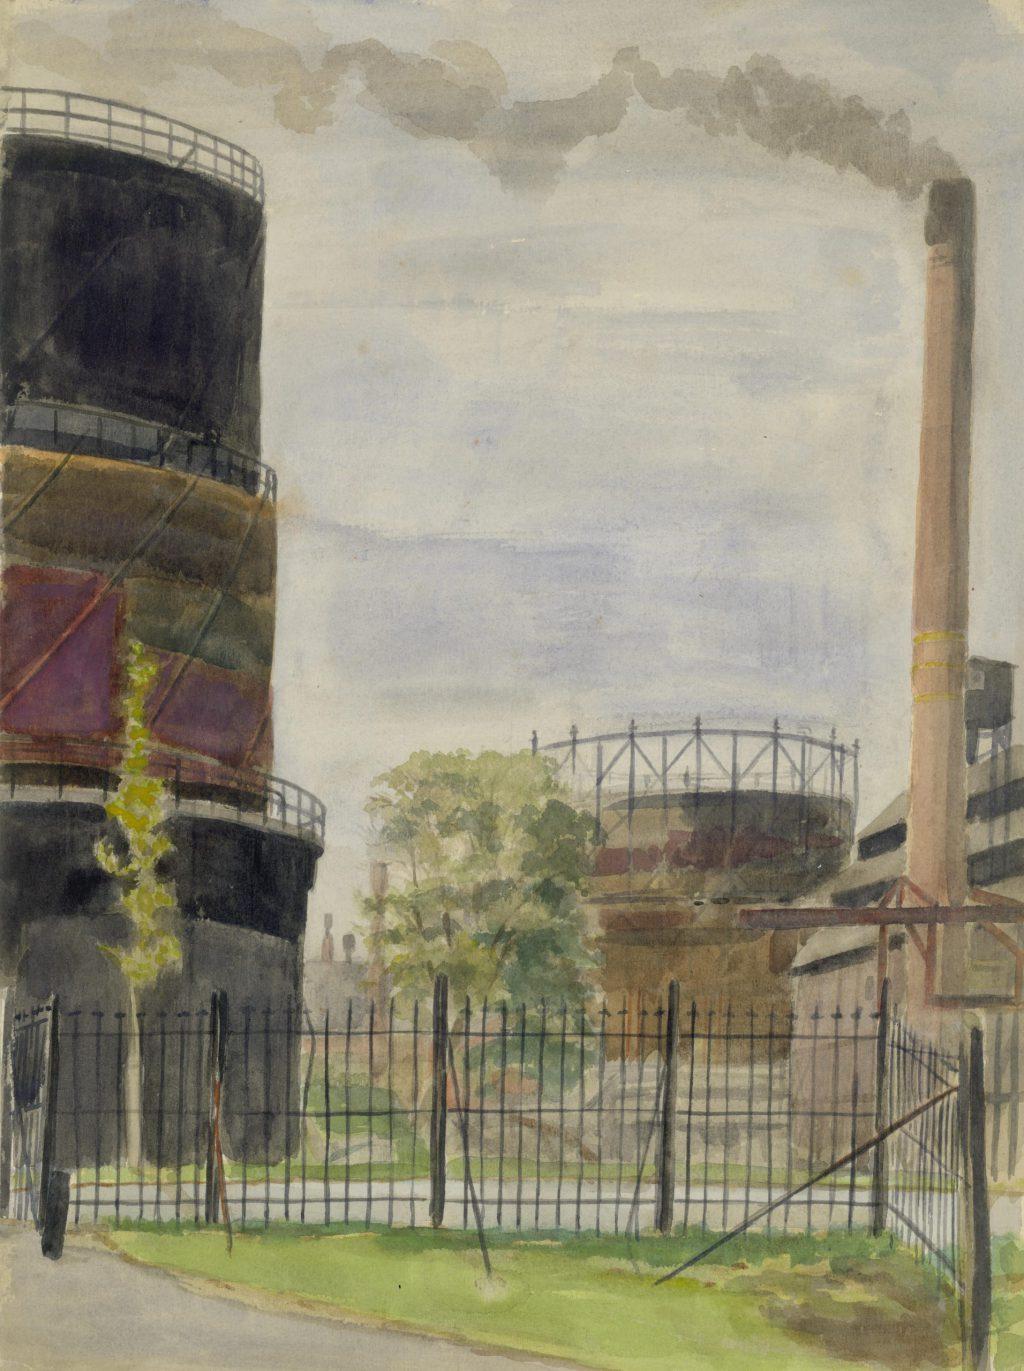 A. Tutein Nolthenius, Gashouders en fabriek aan de Asvest, ca. 1950 (TMS 67896)